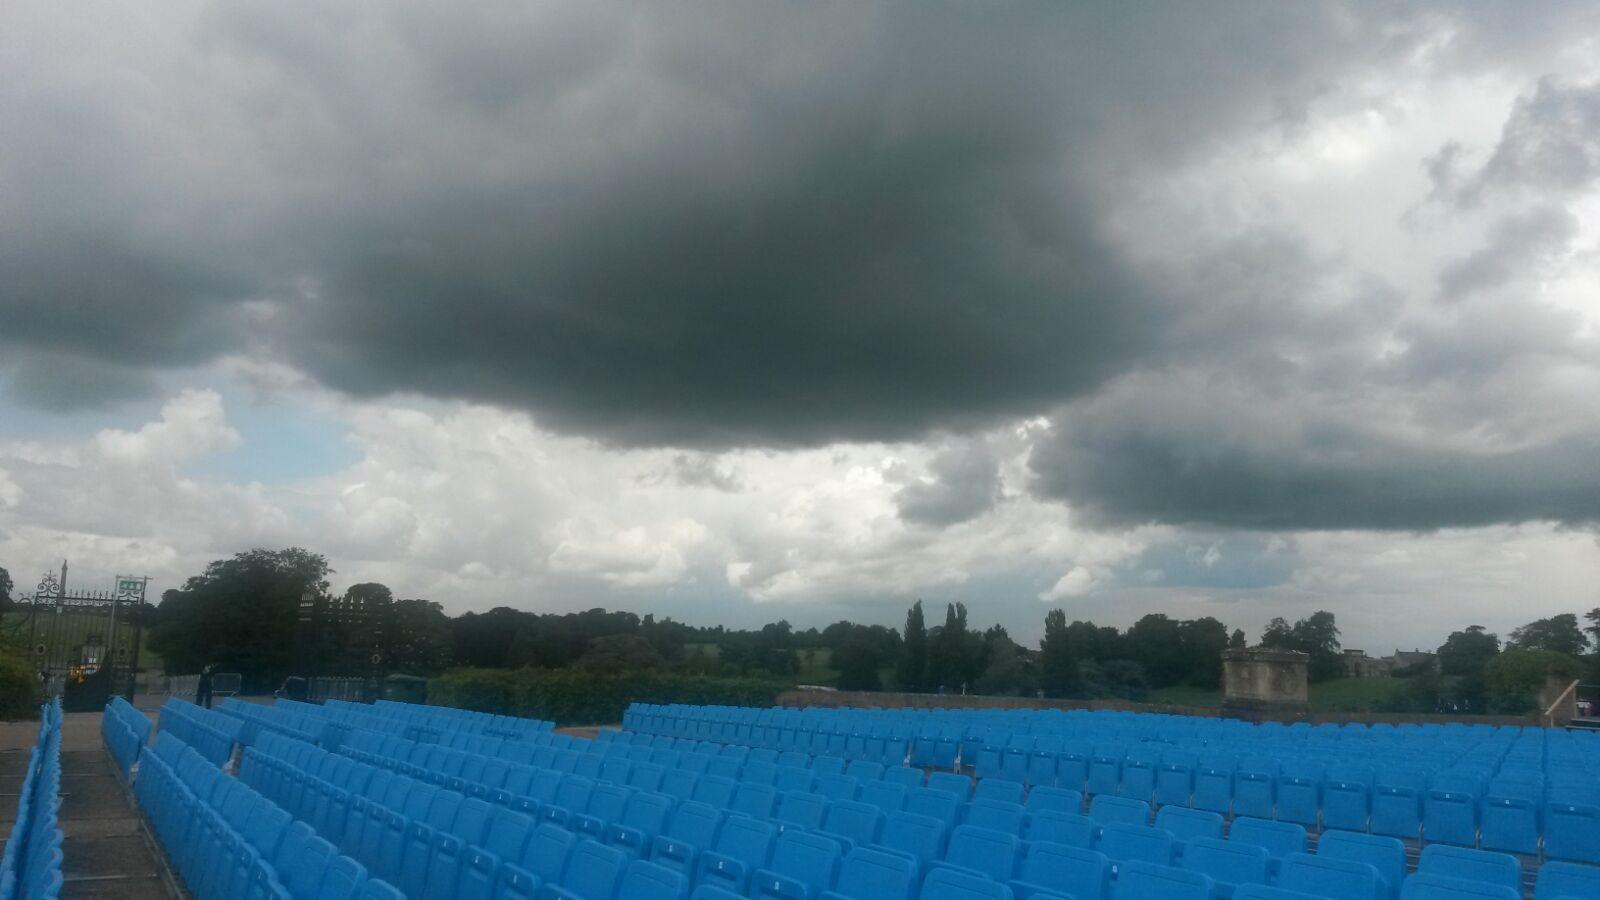 Ominous looking skies during rehearsal